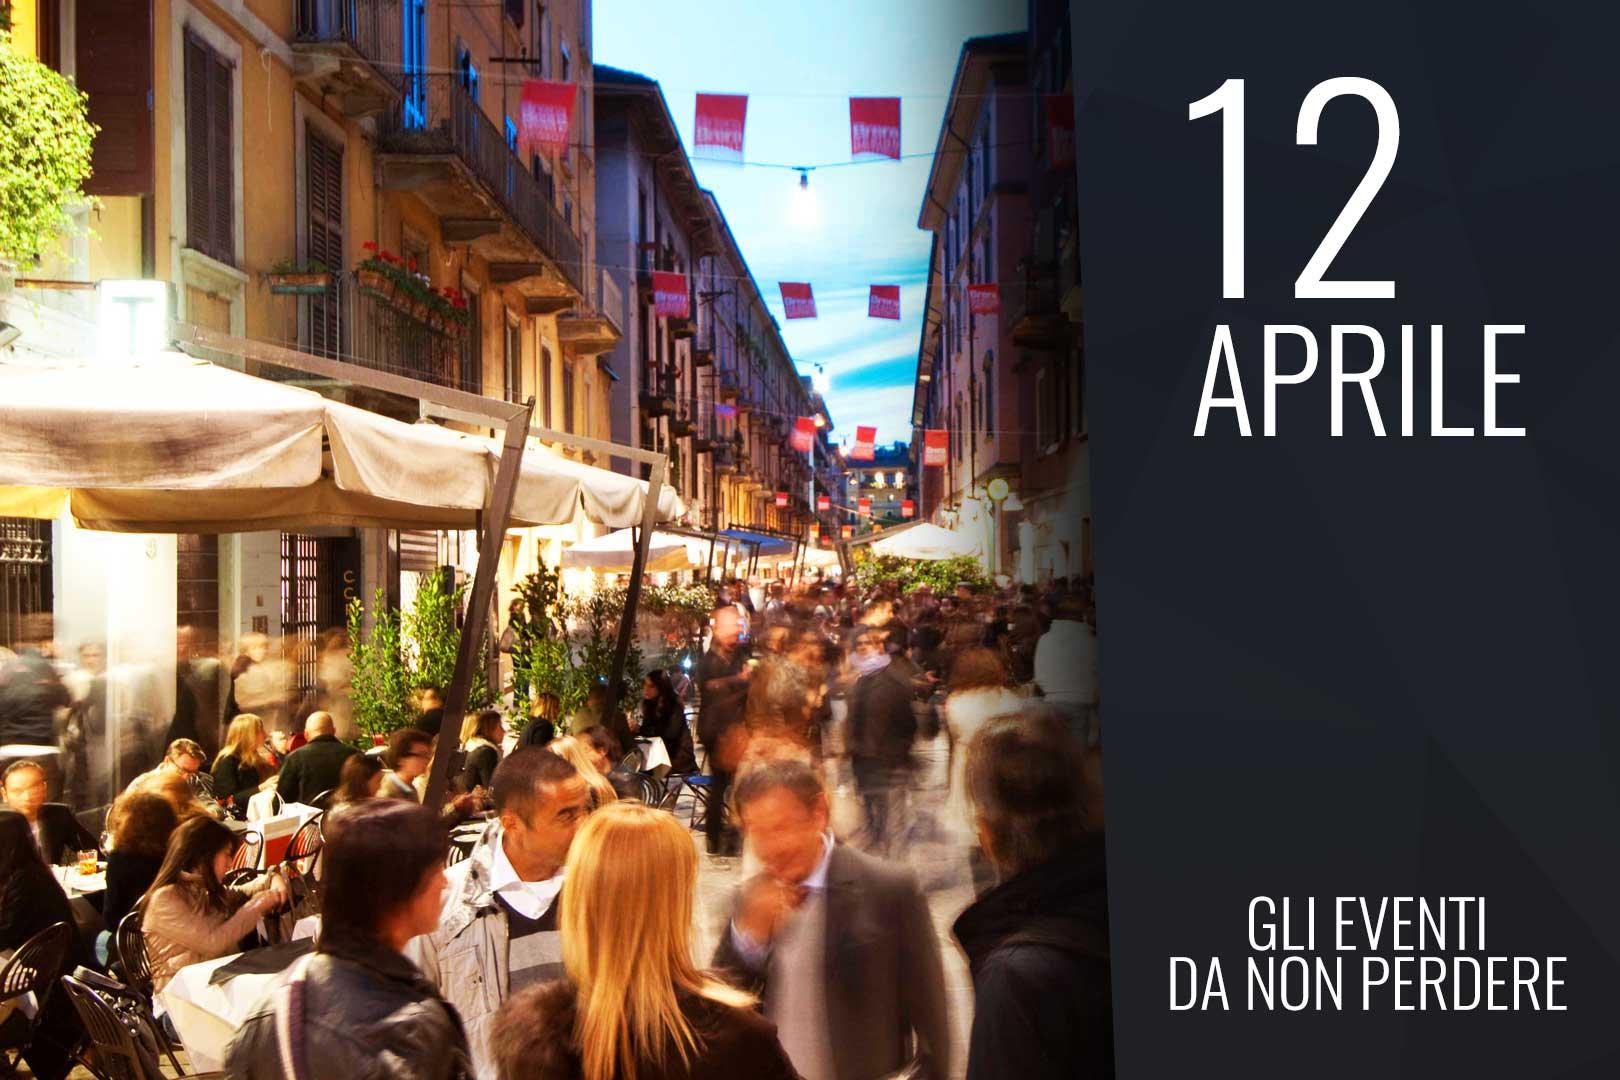 Martedì 12 Aprile: gli eventi da non perdere